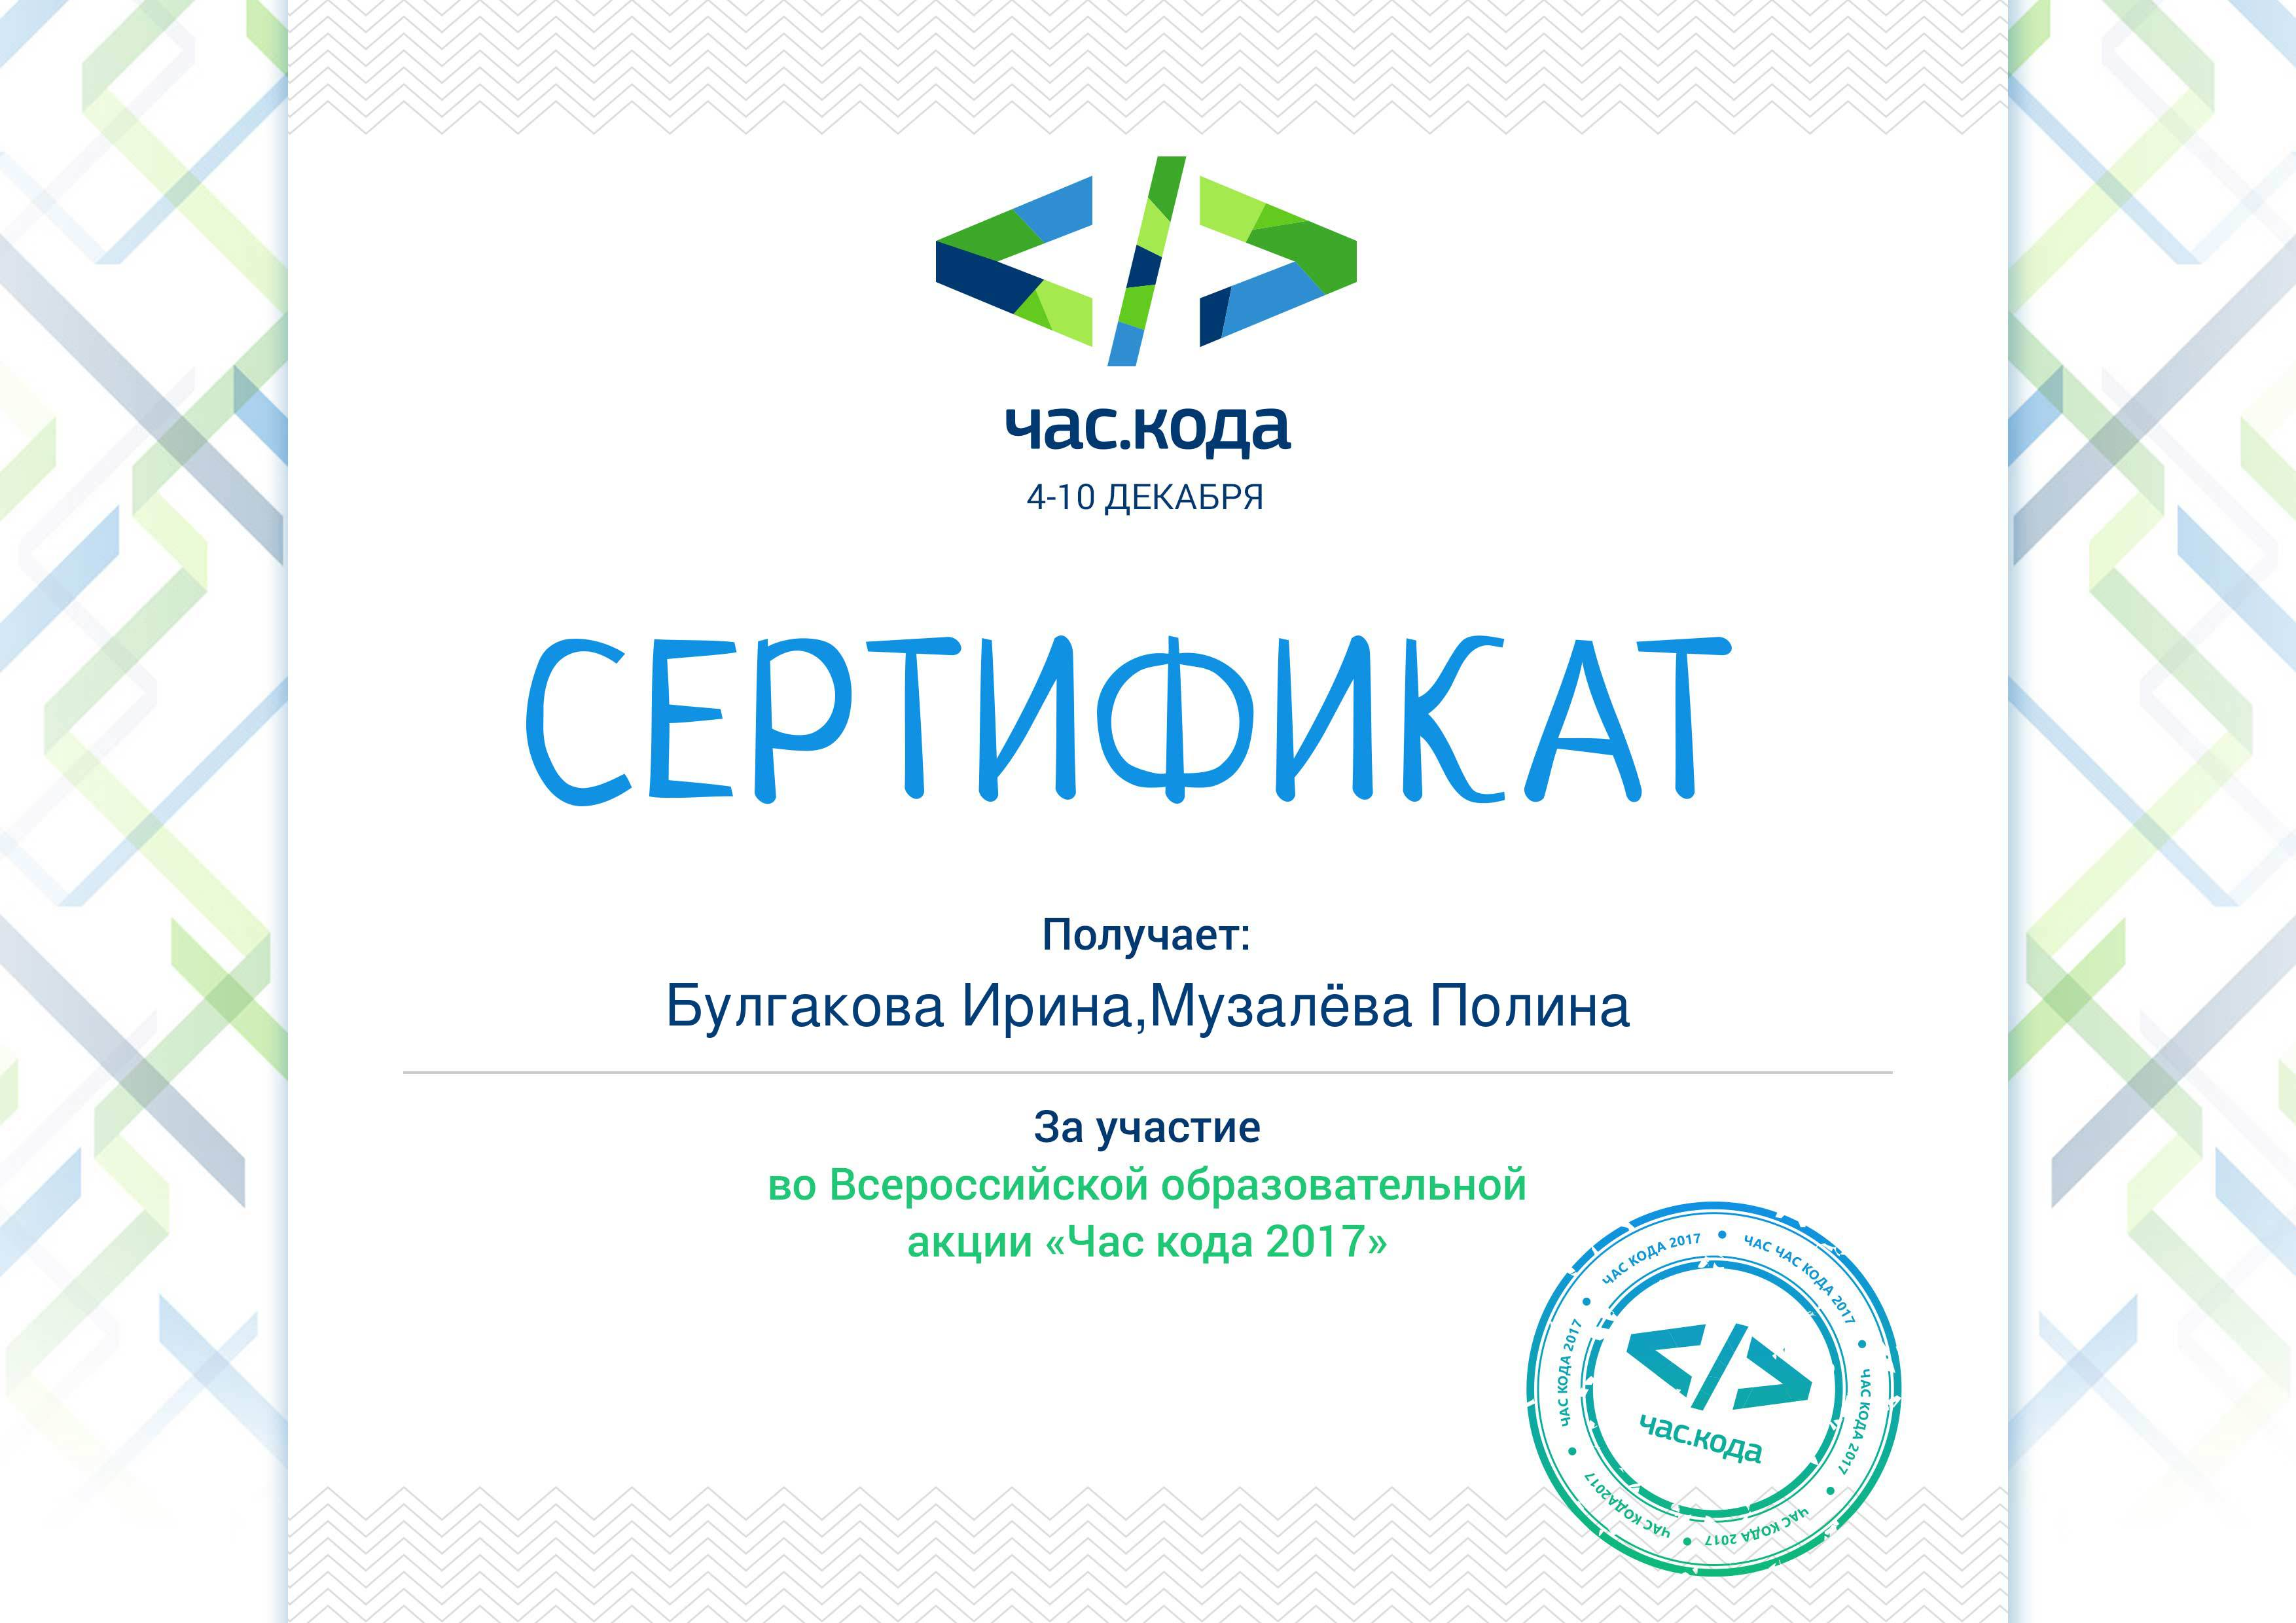 Bulghakova_Irina,Muzaliova_Polina.jpg